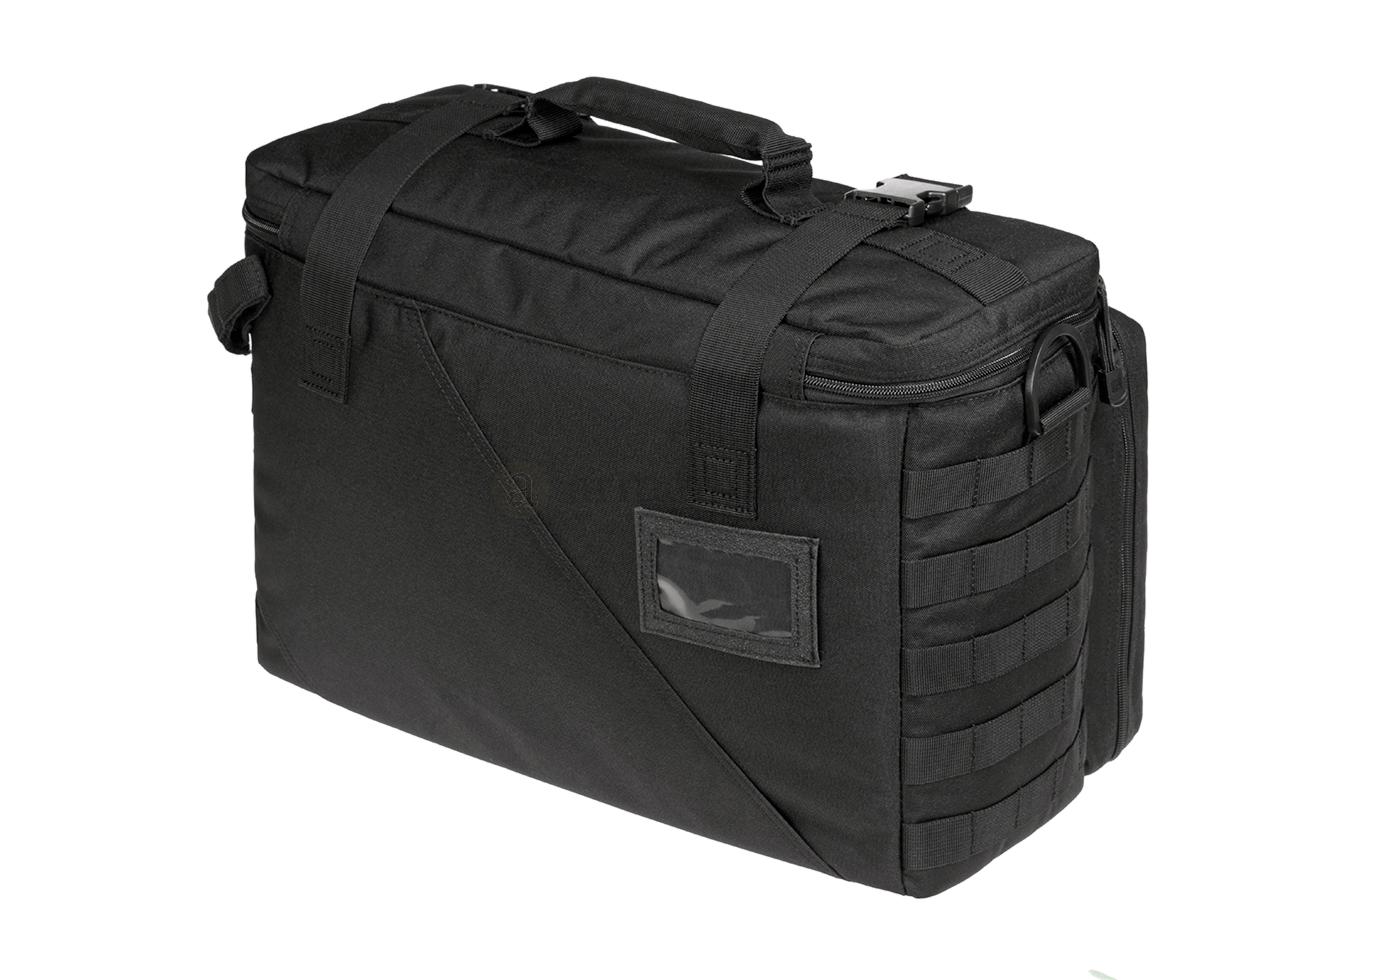 Wingman Patrol Bag Black 5 11 Tactical Bags Cases Load Bearing Armamat Online